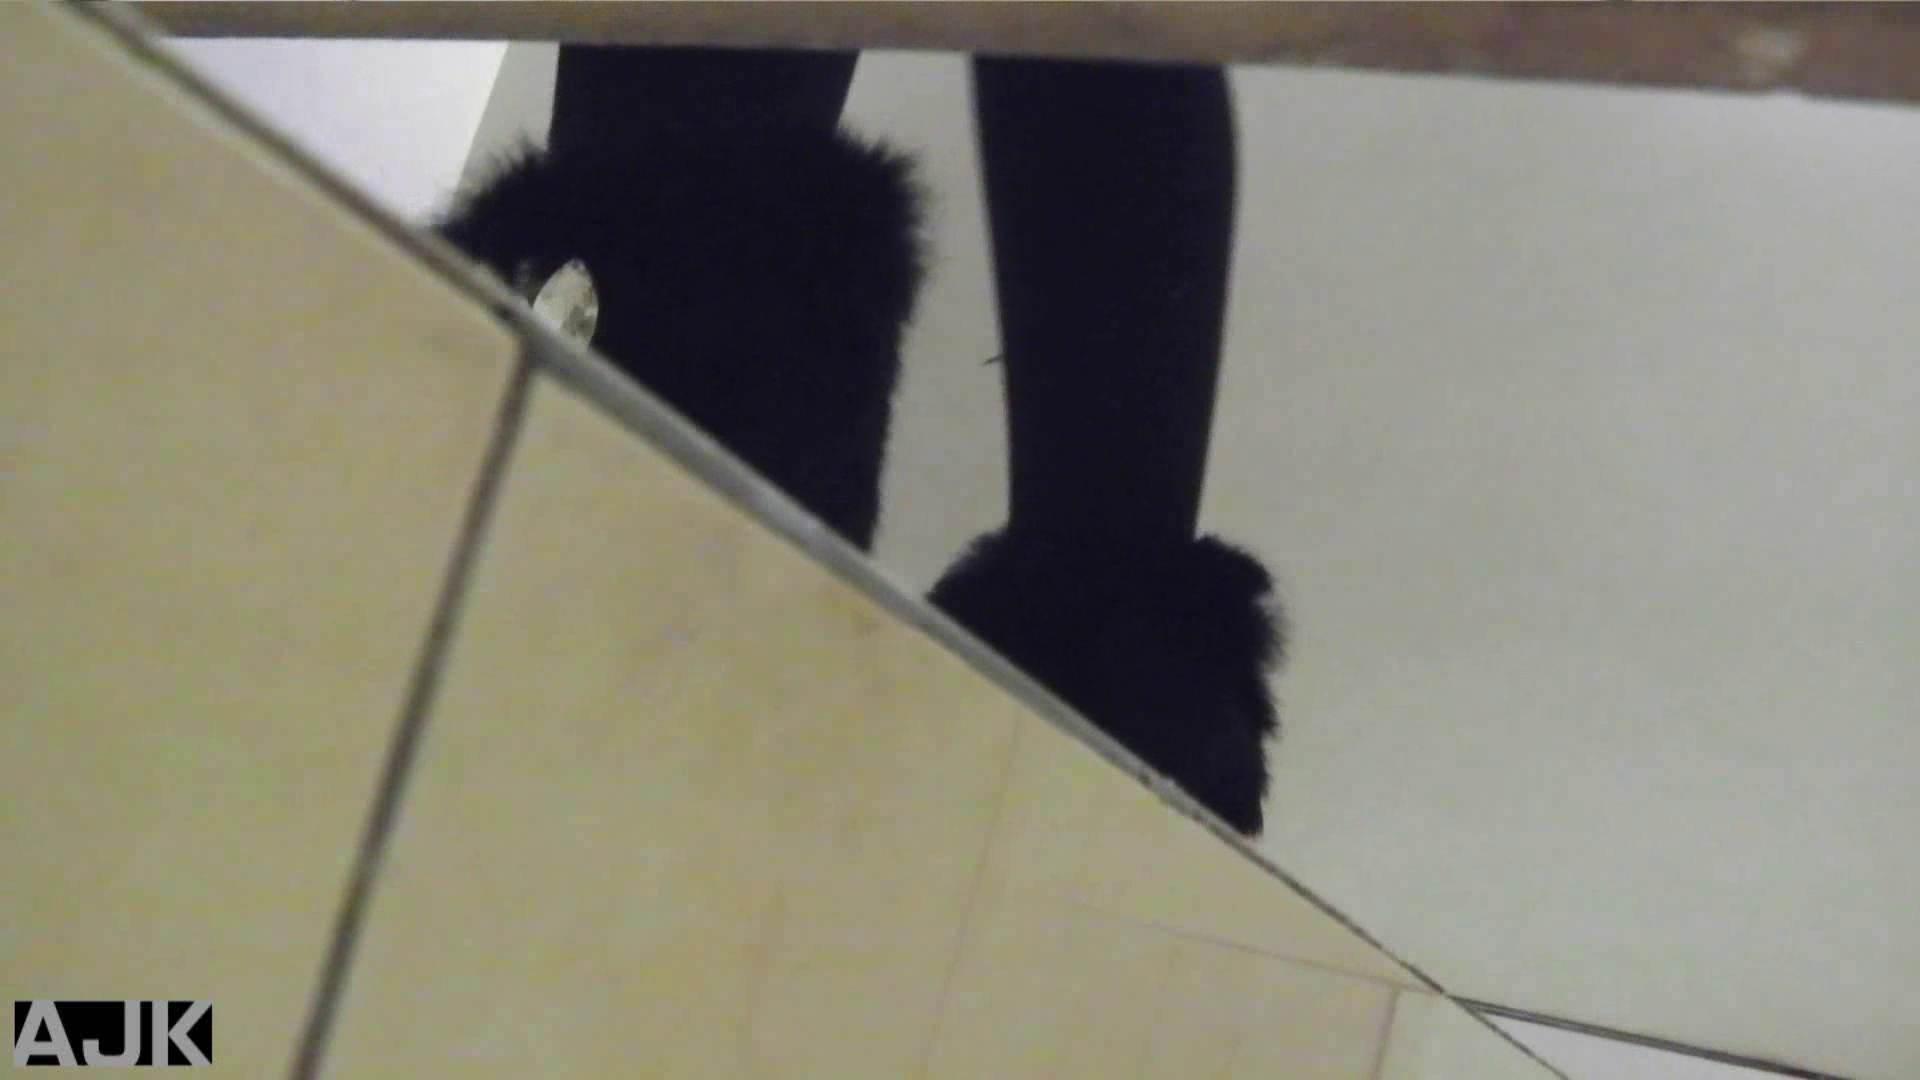 隣国上階級エリアの令嬢たちが集うデパートお手洗い Vol.07 便所の中まで AV動画キャプチャ 111枚 63